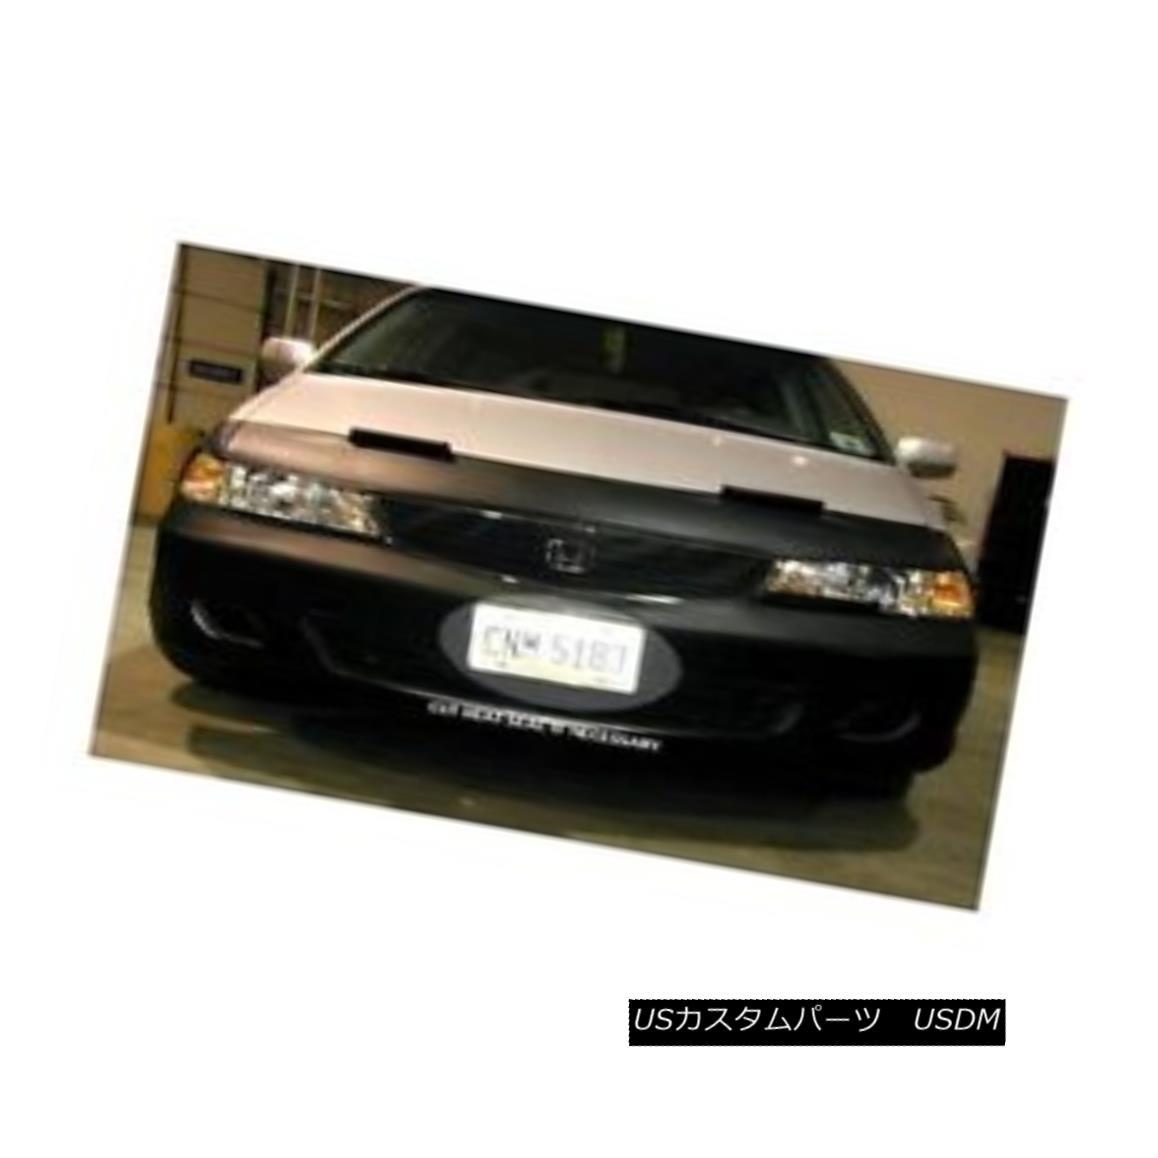 フルブラ ノーズブラ Lebra Front End Mask Cover Bra Fits HONDA Odyssey 1999-2004 LebraフロントエンドマスクカバーブラはHONDA Odyssey 1999-2004に適合